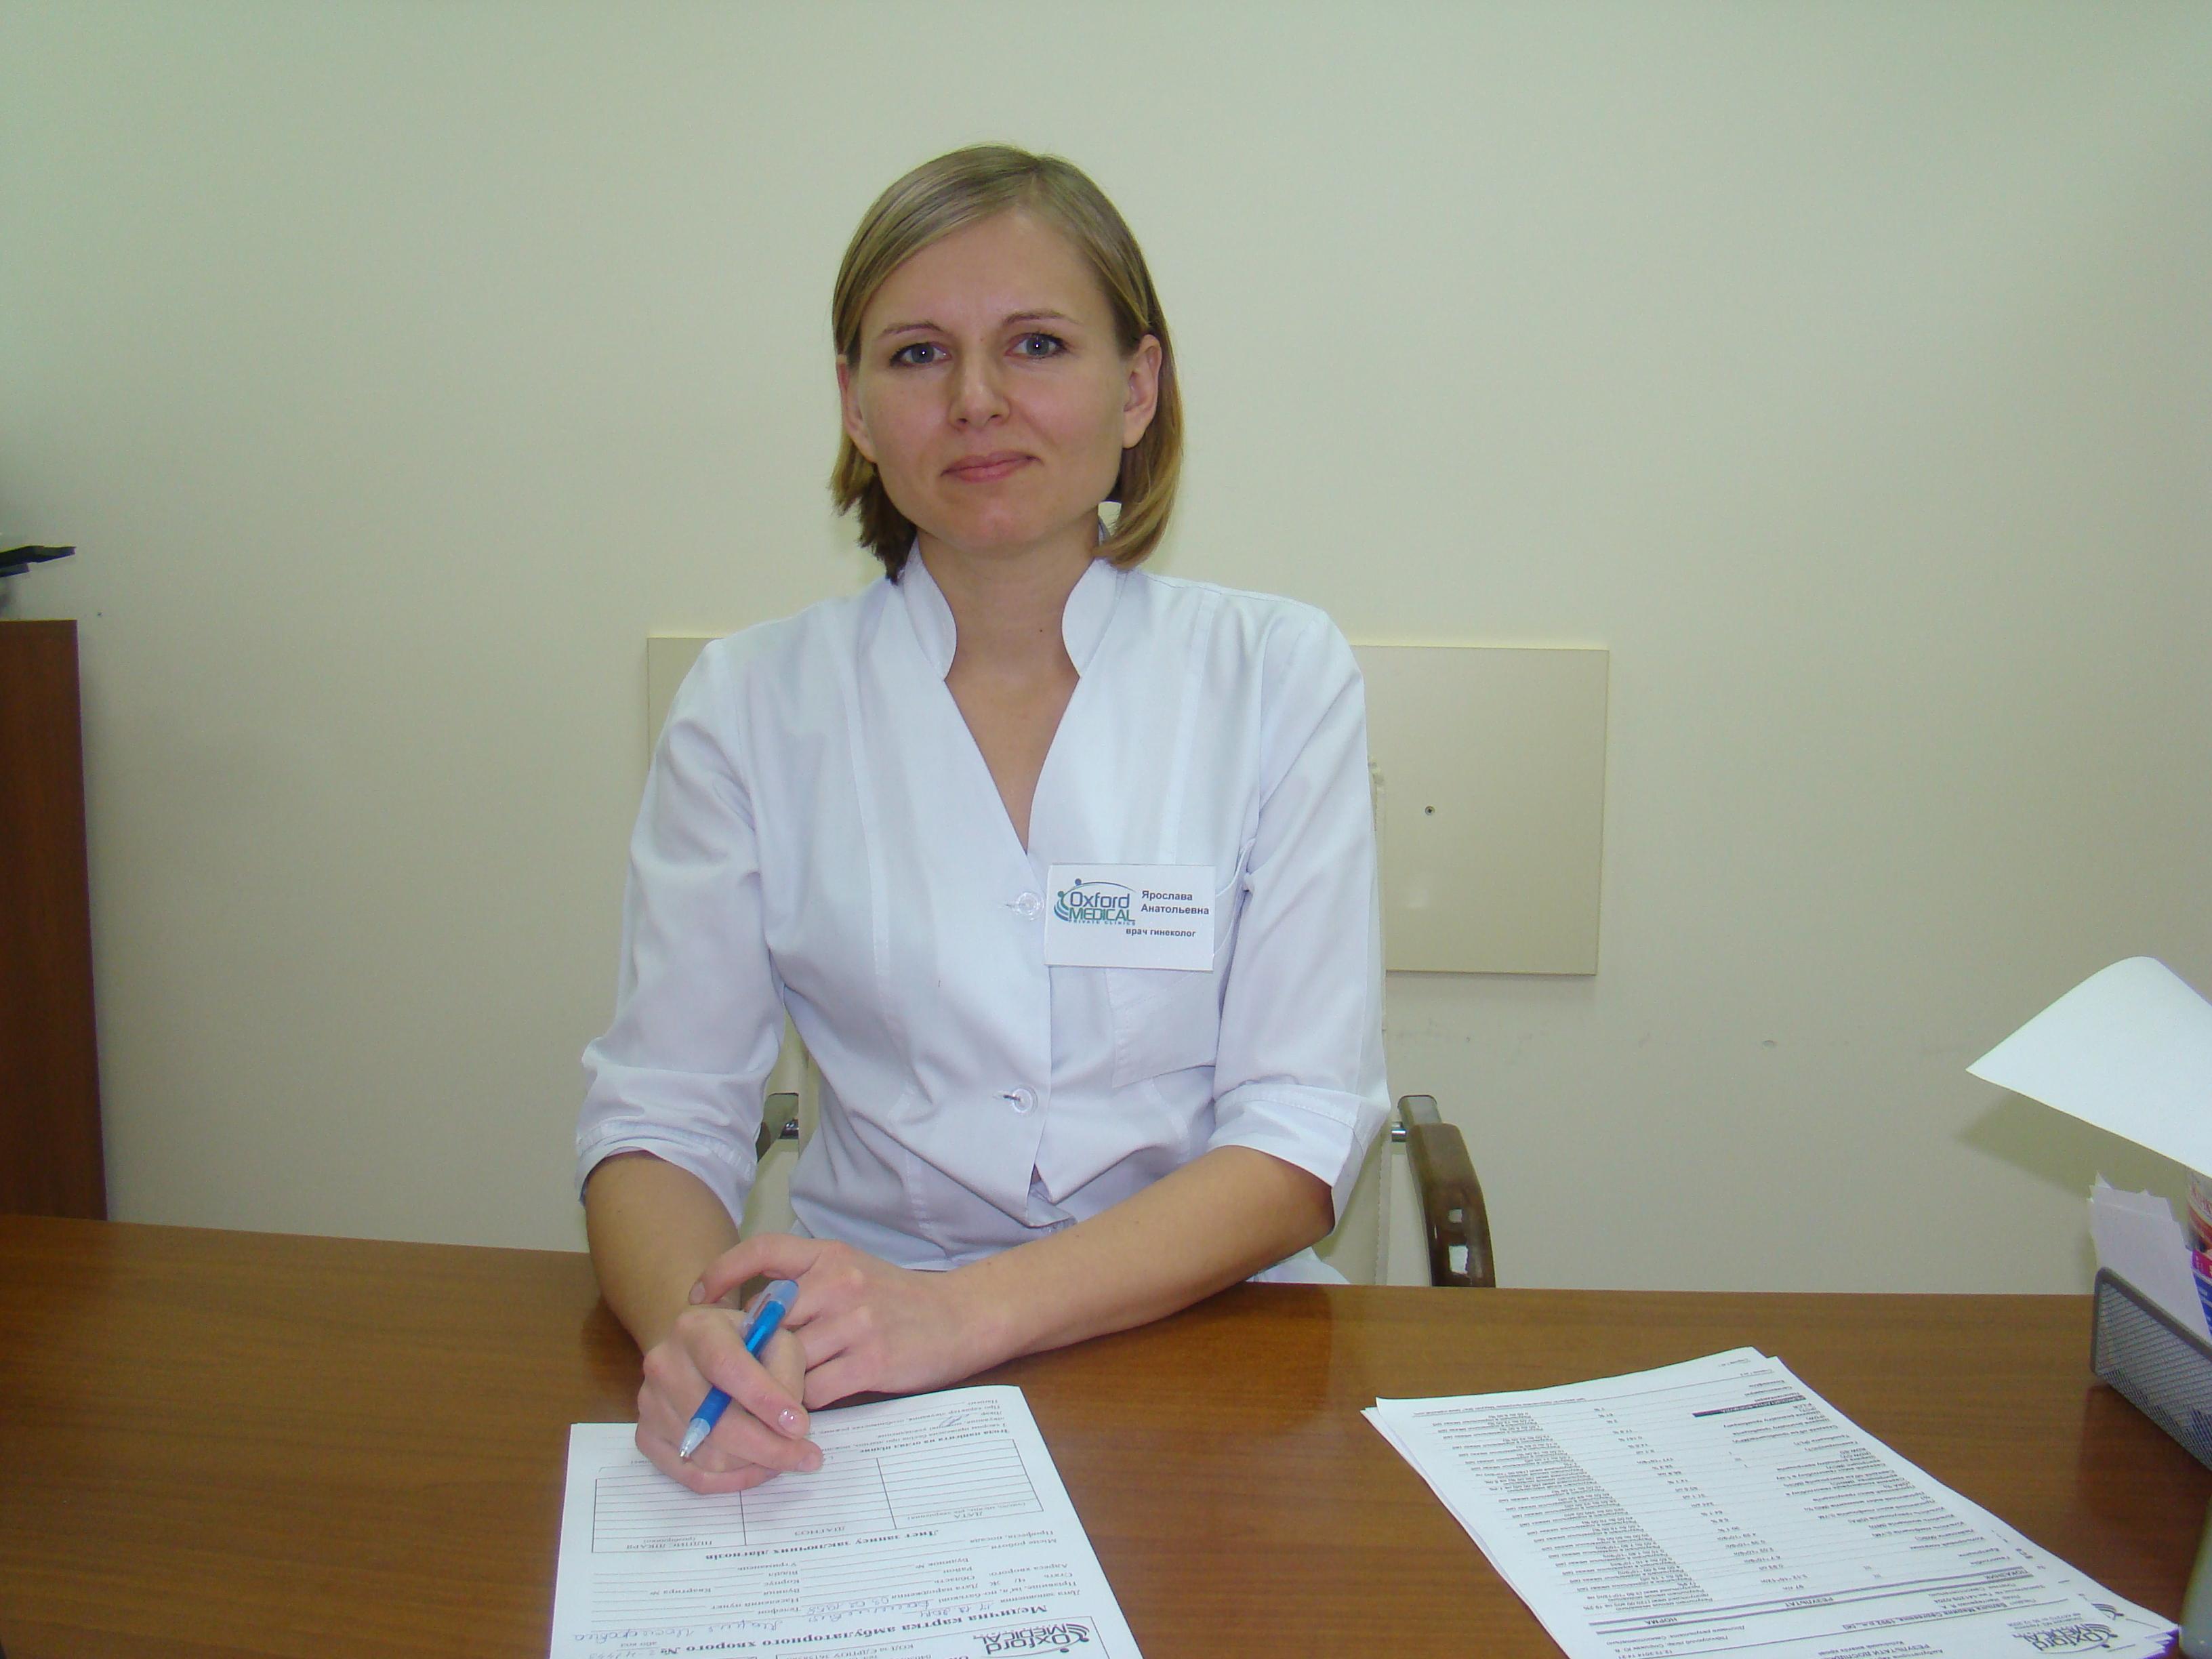 Реальные осмотры гинеколога онлайн 3 фотография